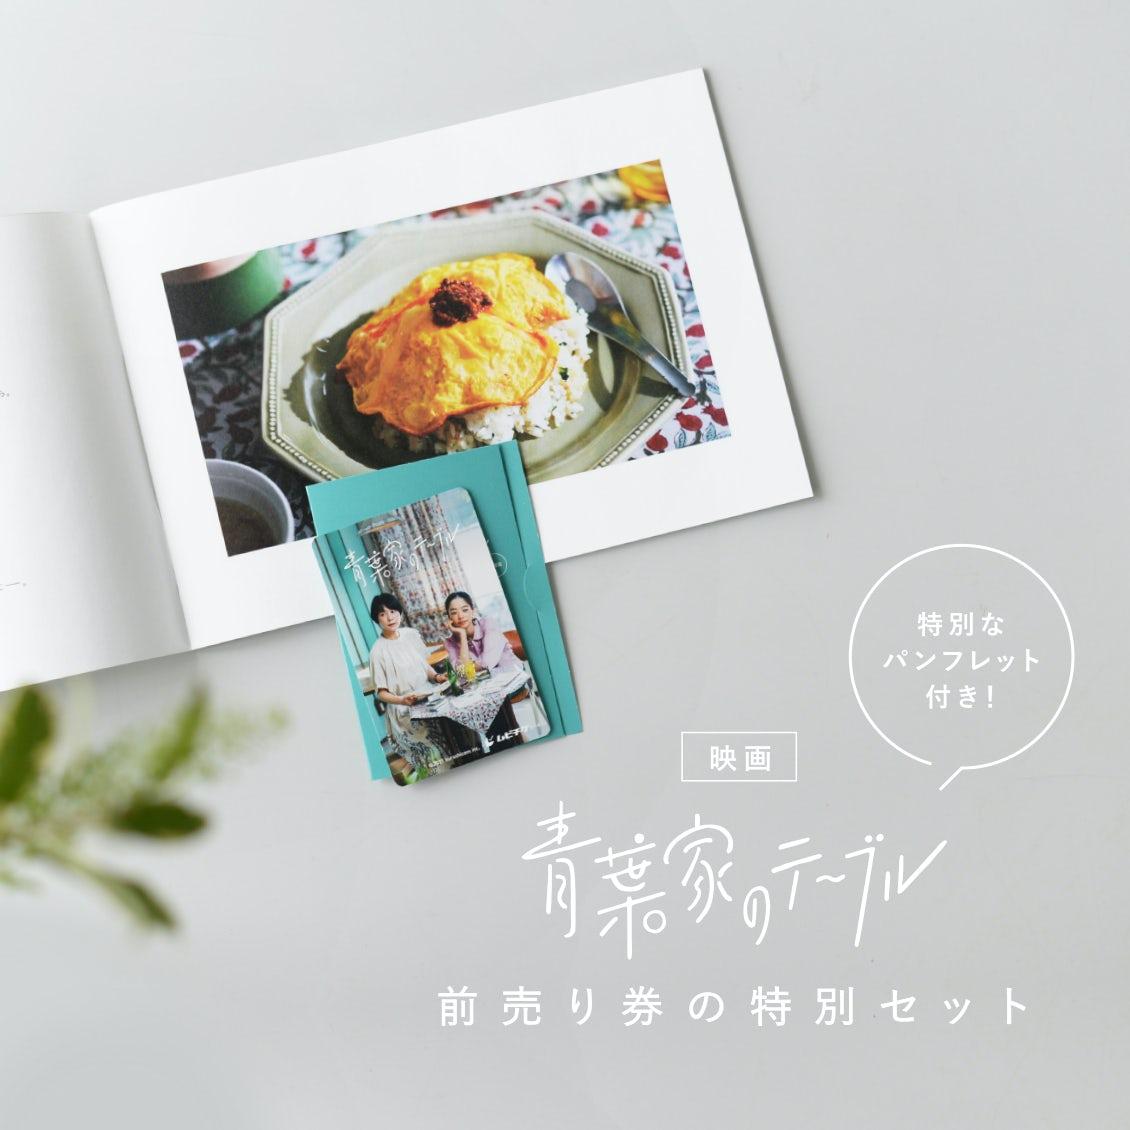 【新商品】映画『青葉家のテーブル』を見に行くなら絶対うれしい! 限定パンフ付き「前売り券」発売スタートです